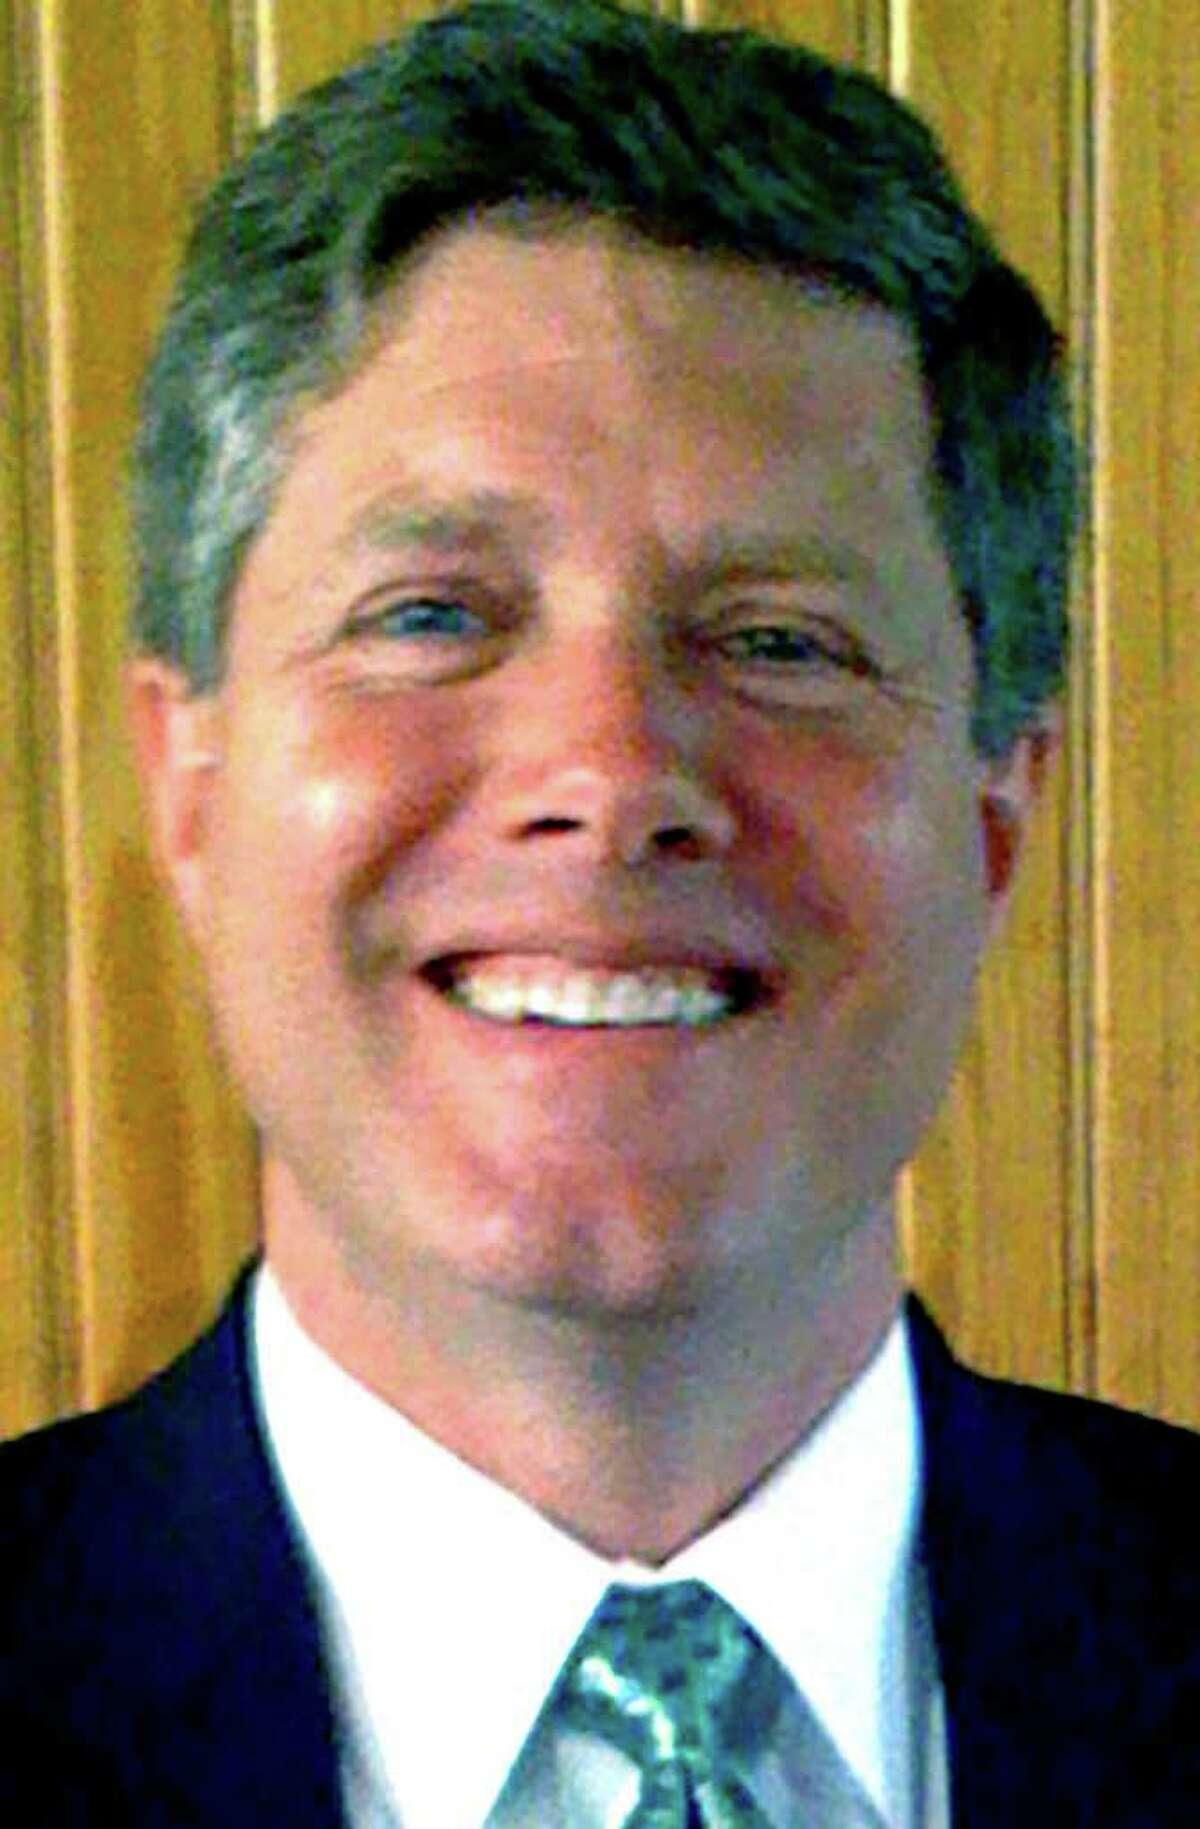 Jeff Winter Courtesy of Jeff Winter